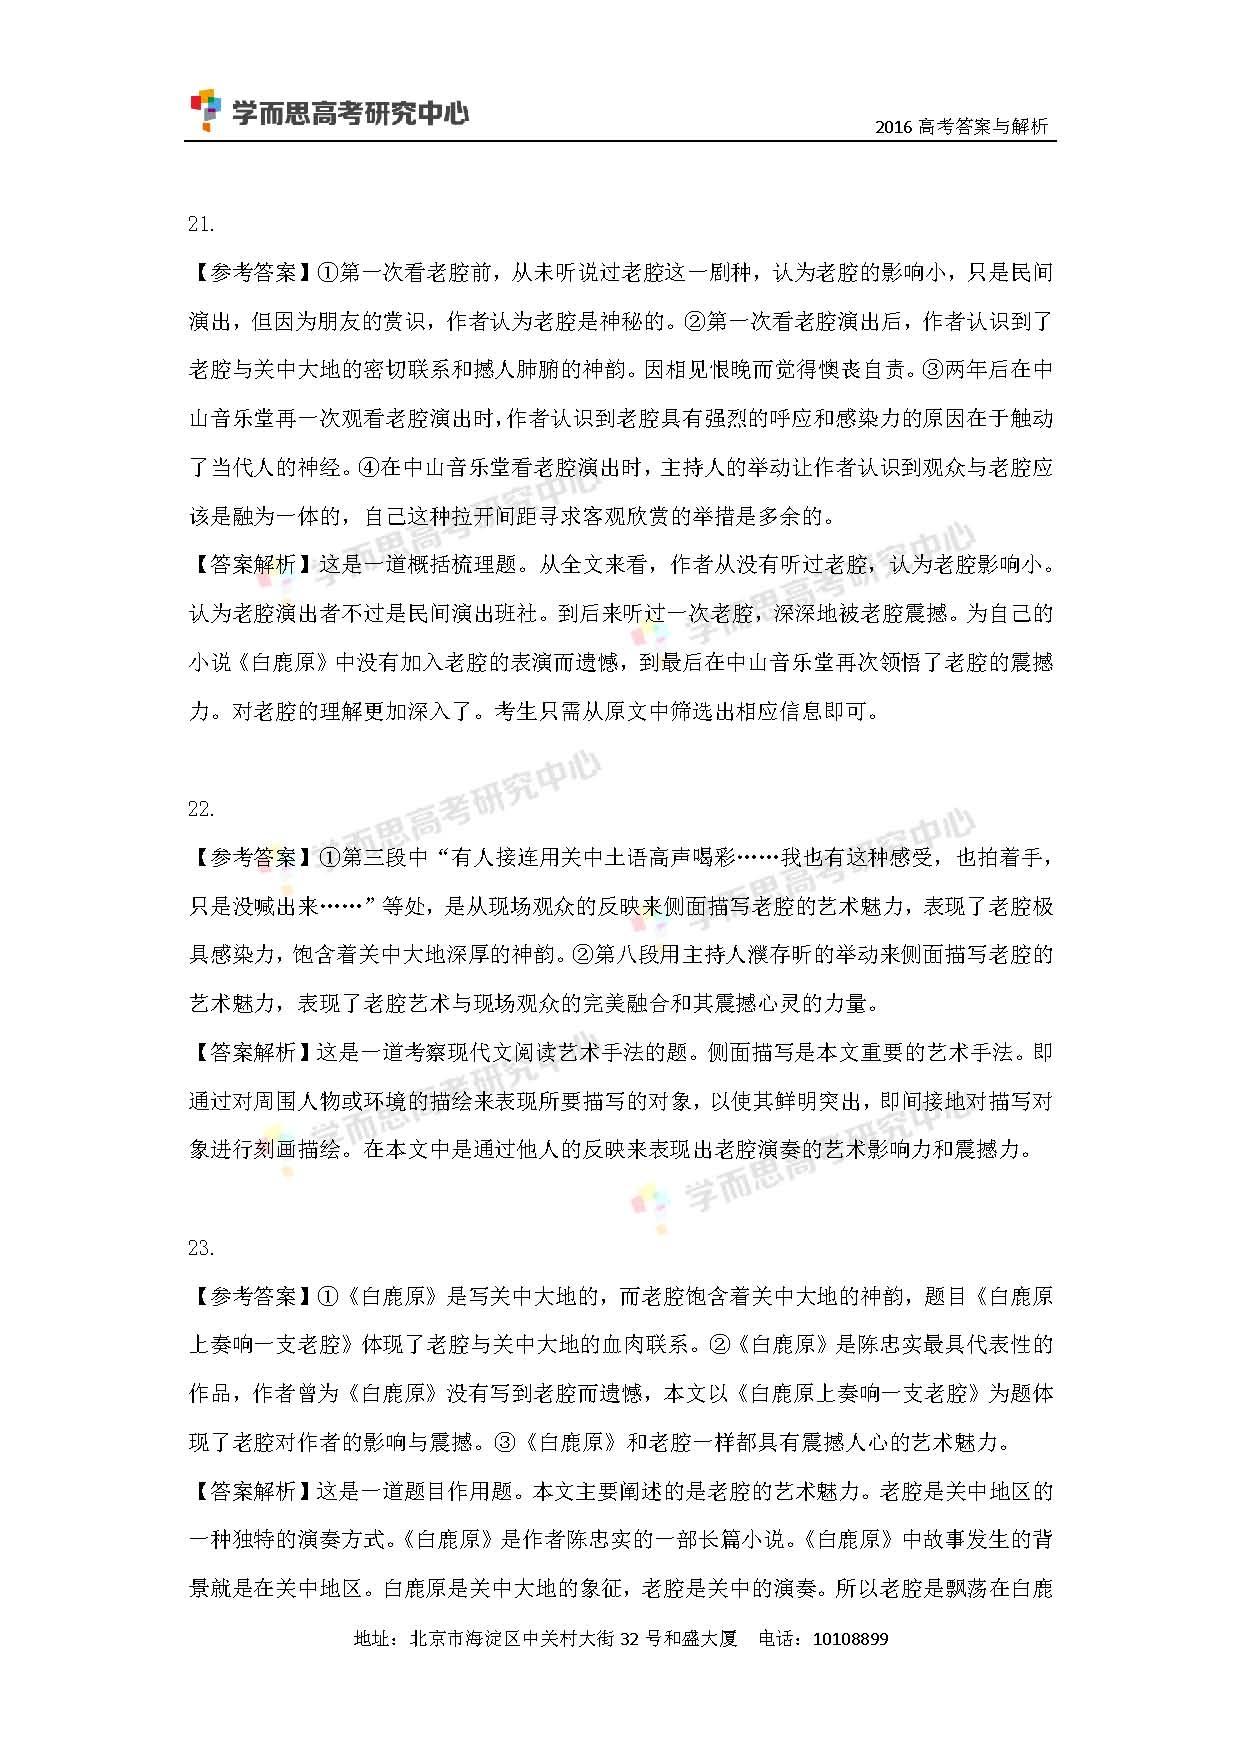 0_页面_06.jpg